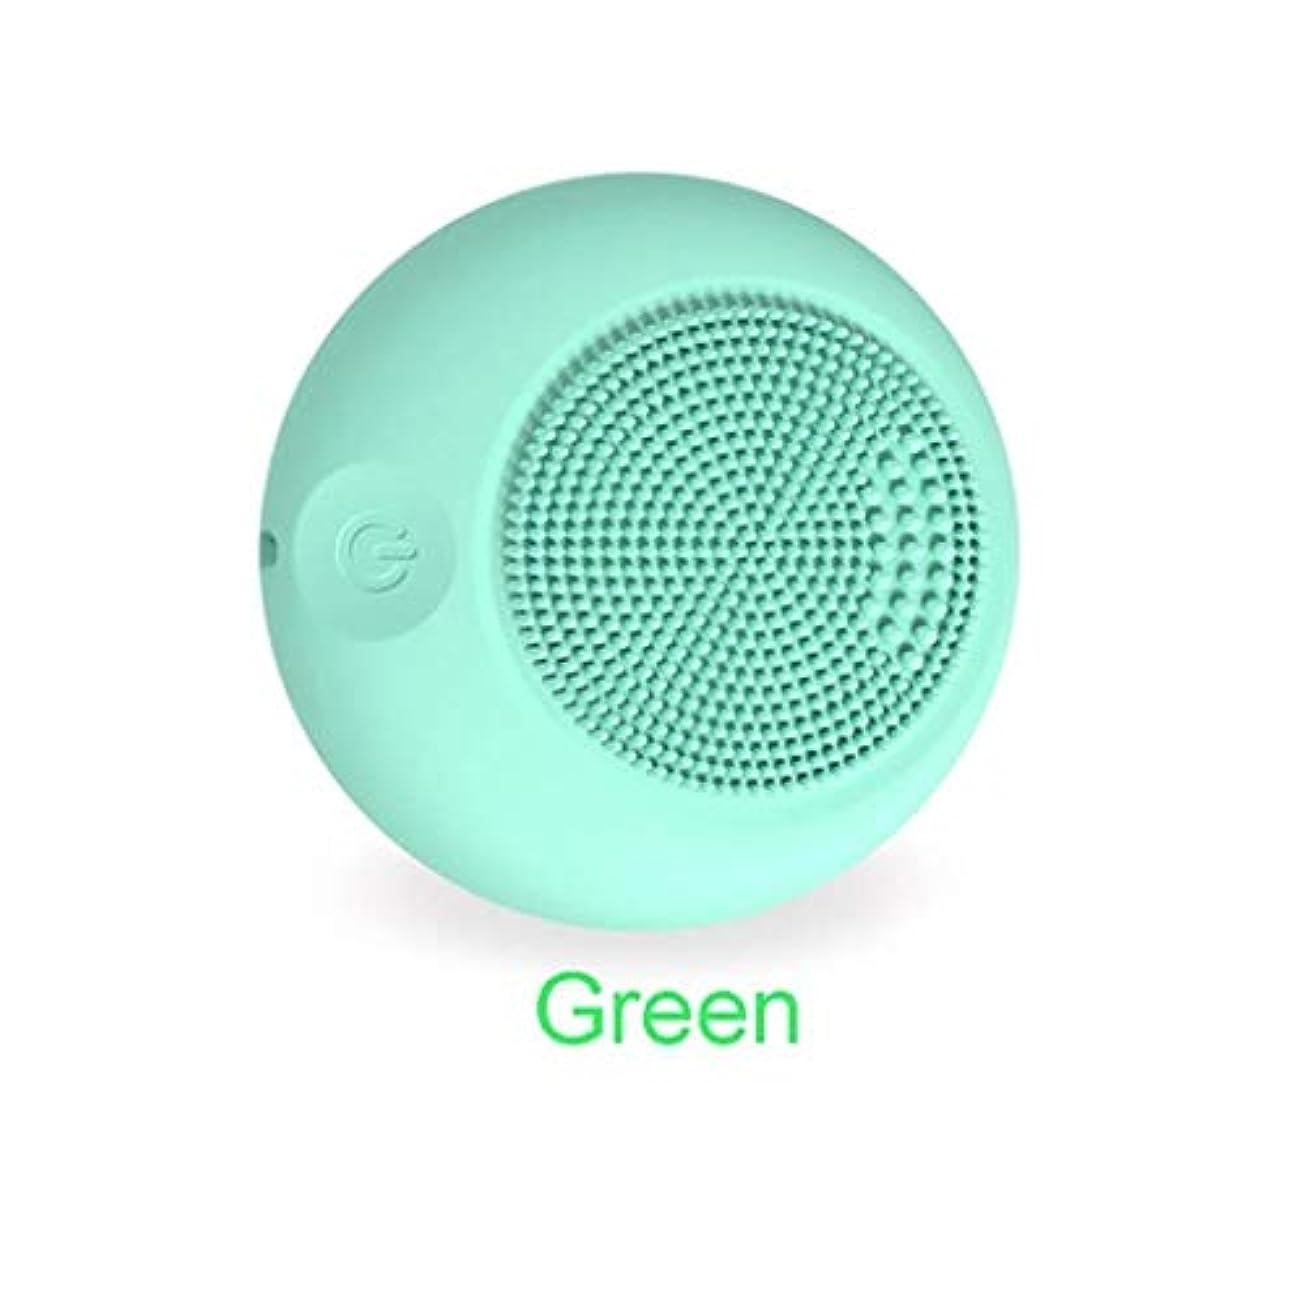 原子砂のスポーツの試合を担当している人クレンジングブラシ、電動フェイシャルマッサージ、振動シリコンフェイシャルディープクリーン電気防水マッサージクレンザー (Color : 緑)